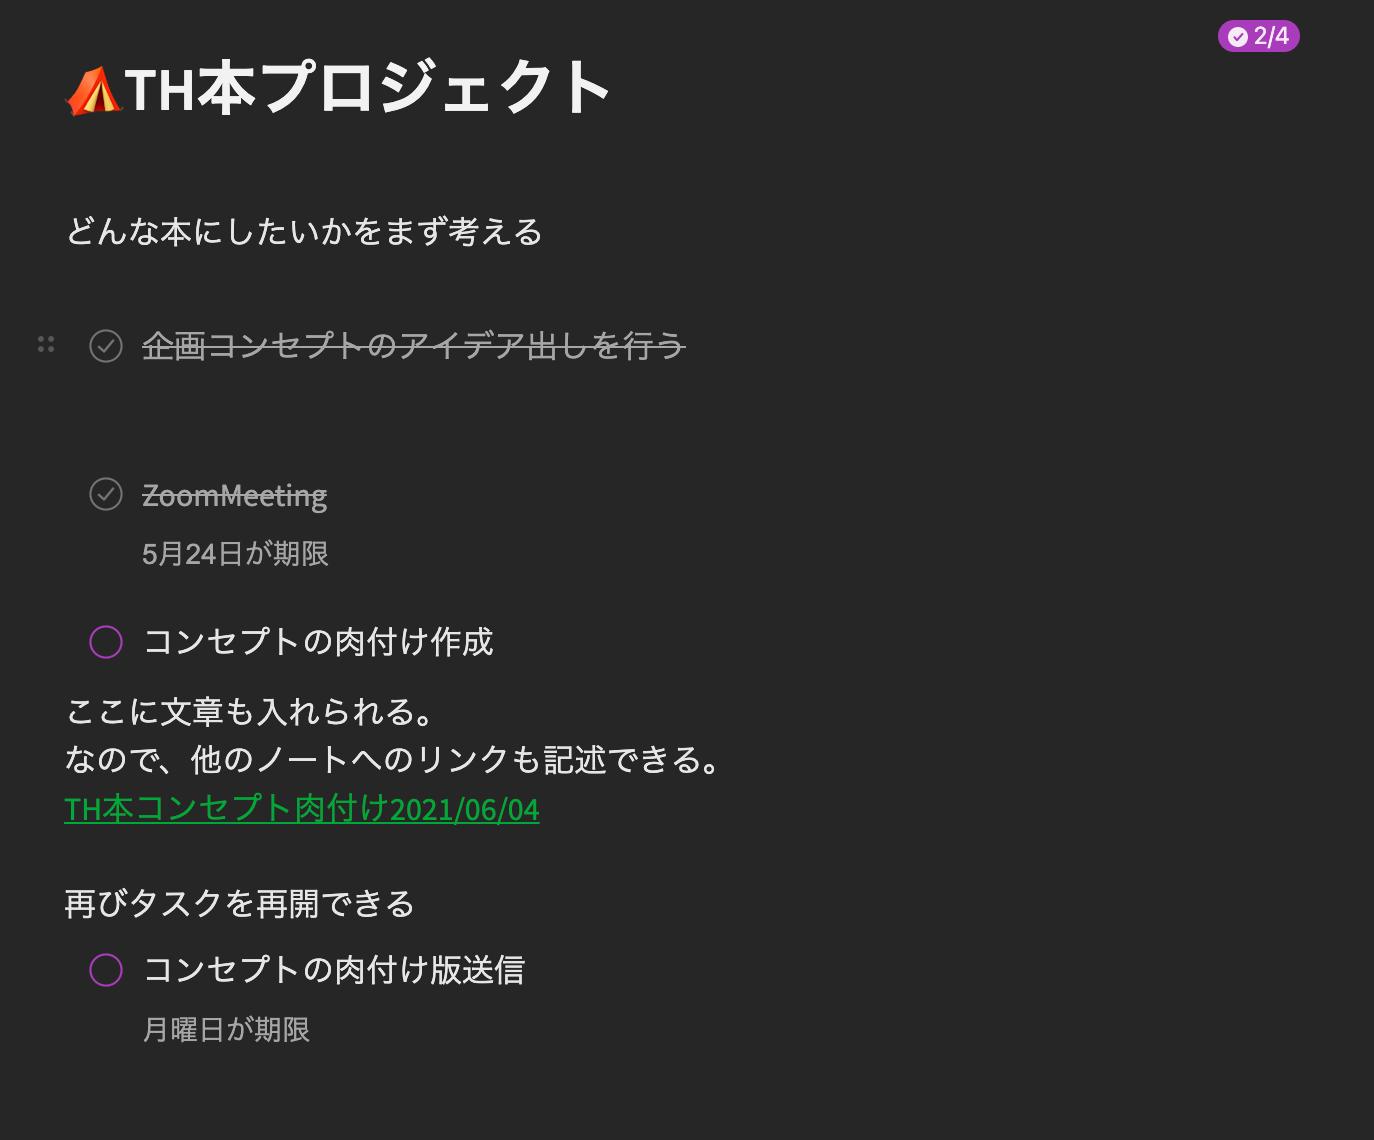 スクリーンショット 2021-06-04 17.58.48